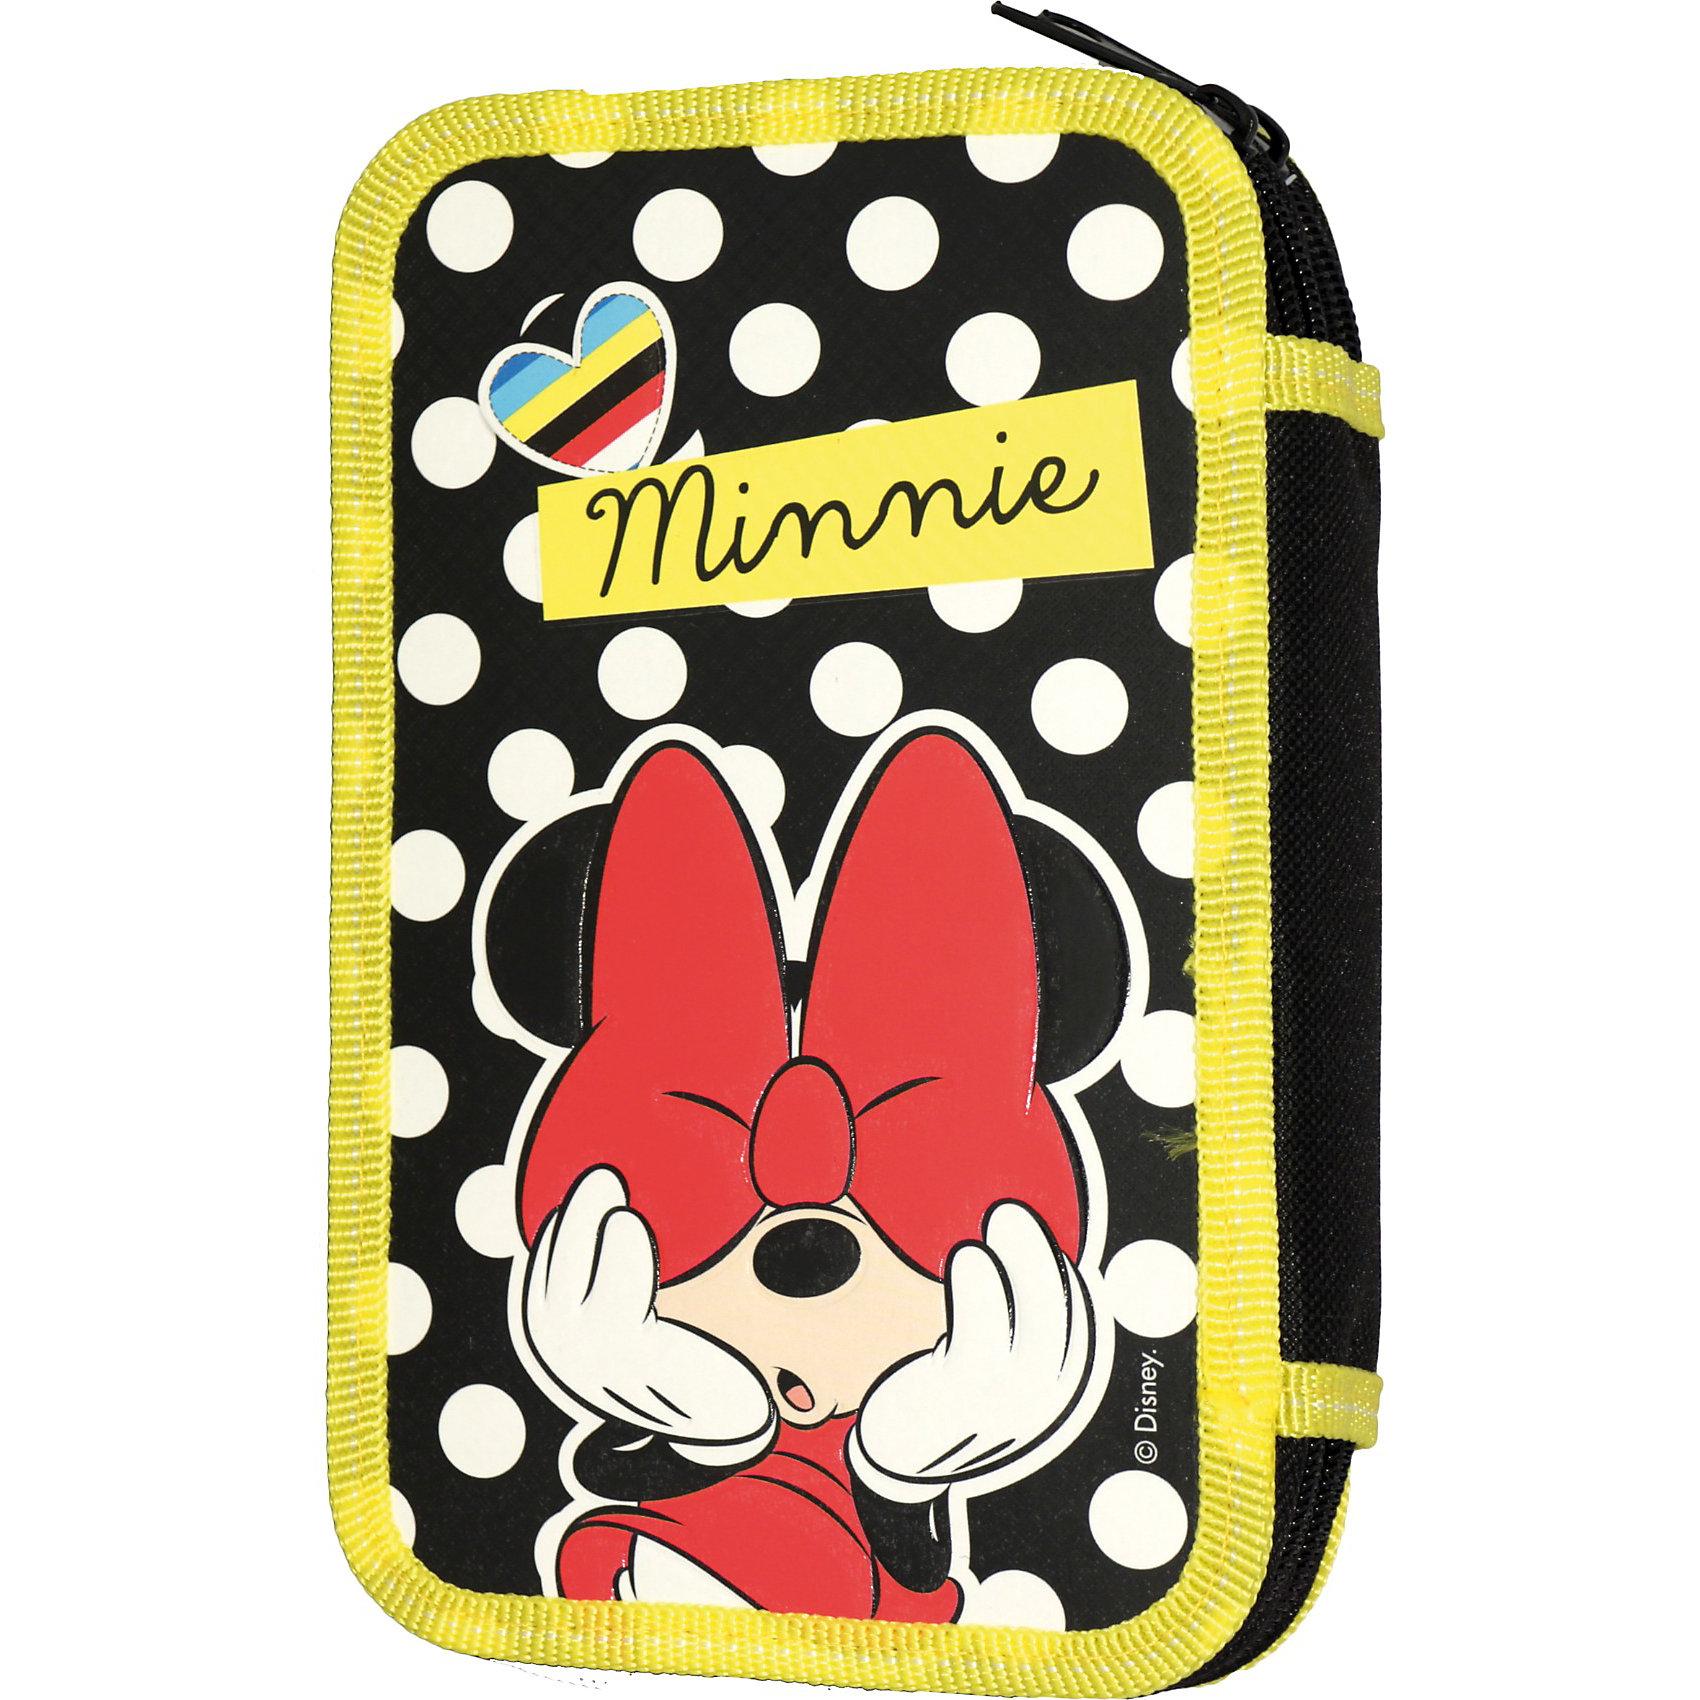 Пенал 2-секционный Pop art, Минни МаусПенал 2-секционный Pop art, Минни Маус  (Minnie Mouse) – этот пенал непременно понравится любой девочке, поклоннице Минни Маус.<br>Вот уже несколько поколений выросло на мультфильмах с очаровательной Минни Маус. Она по праву считается первой леди Disney: ее безукоризненный стиль и прекрасные манеры восхищают девочек по всему миру. Поэтому пенал «Pop art» понравится любой моднице. В его объемные два отделения на молнии поместятся все необходимые канцелярские принадлежности, а специальные петельки из резинки надежно зафиксируют ручки и карандаши, маркеры и ластик, точилку и другие предметы. Изделие изготовлено из ламинированного картона с эффектом конгрева (с выпуклым изображением) и полиэстера. Пенал декорирован ярким принтом снаружи и черно-белым - внутри.<br><br>Дополнительная информация:<br><br>- Размеры: 19,5 х 12,5 х 4 см.<br>- Вес: 150 гр.<br><br>Пенал 2-секционный Pop art, Минни Маус можно купить в нашем магазине.<br><br>Ширина мм: 195<br>Глубина мм: 125<br>Высота мм: 40<br>Вес г: 150<br>Возраст от месяцев: 60<br>Возраст до месяцев: 144<br>Пол: Женский<br>Возраст: Детский<br>SKU: 3705351